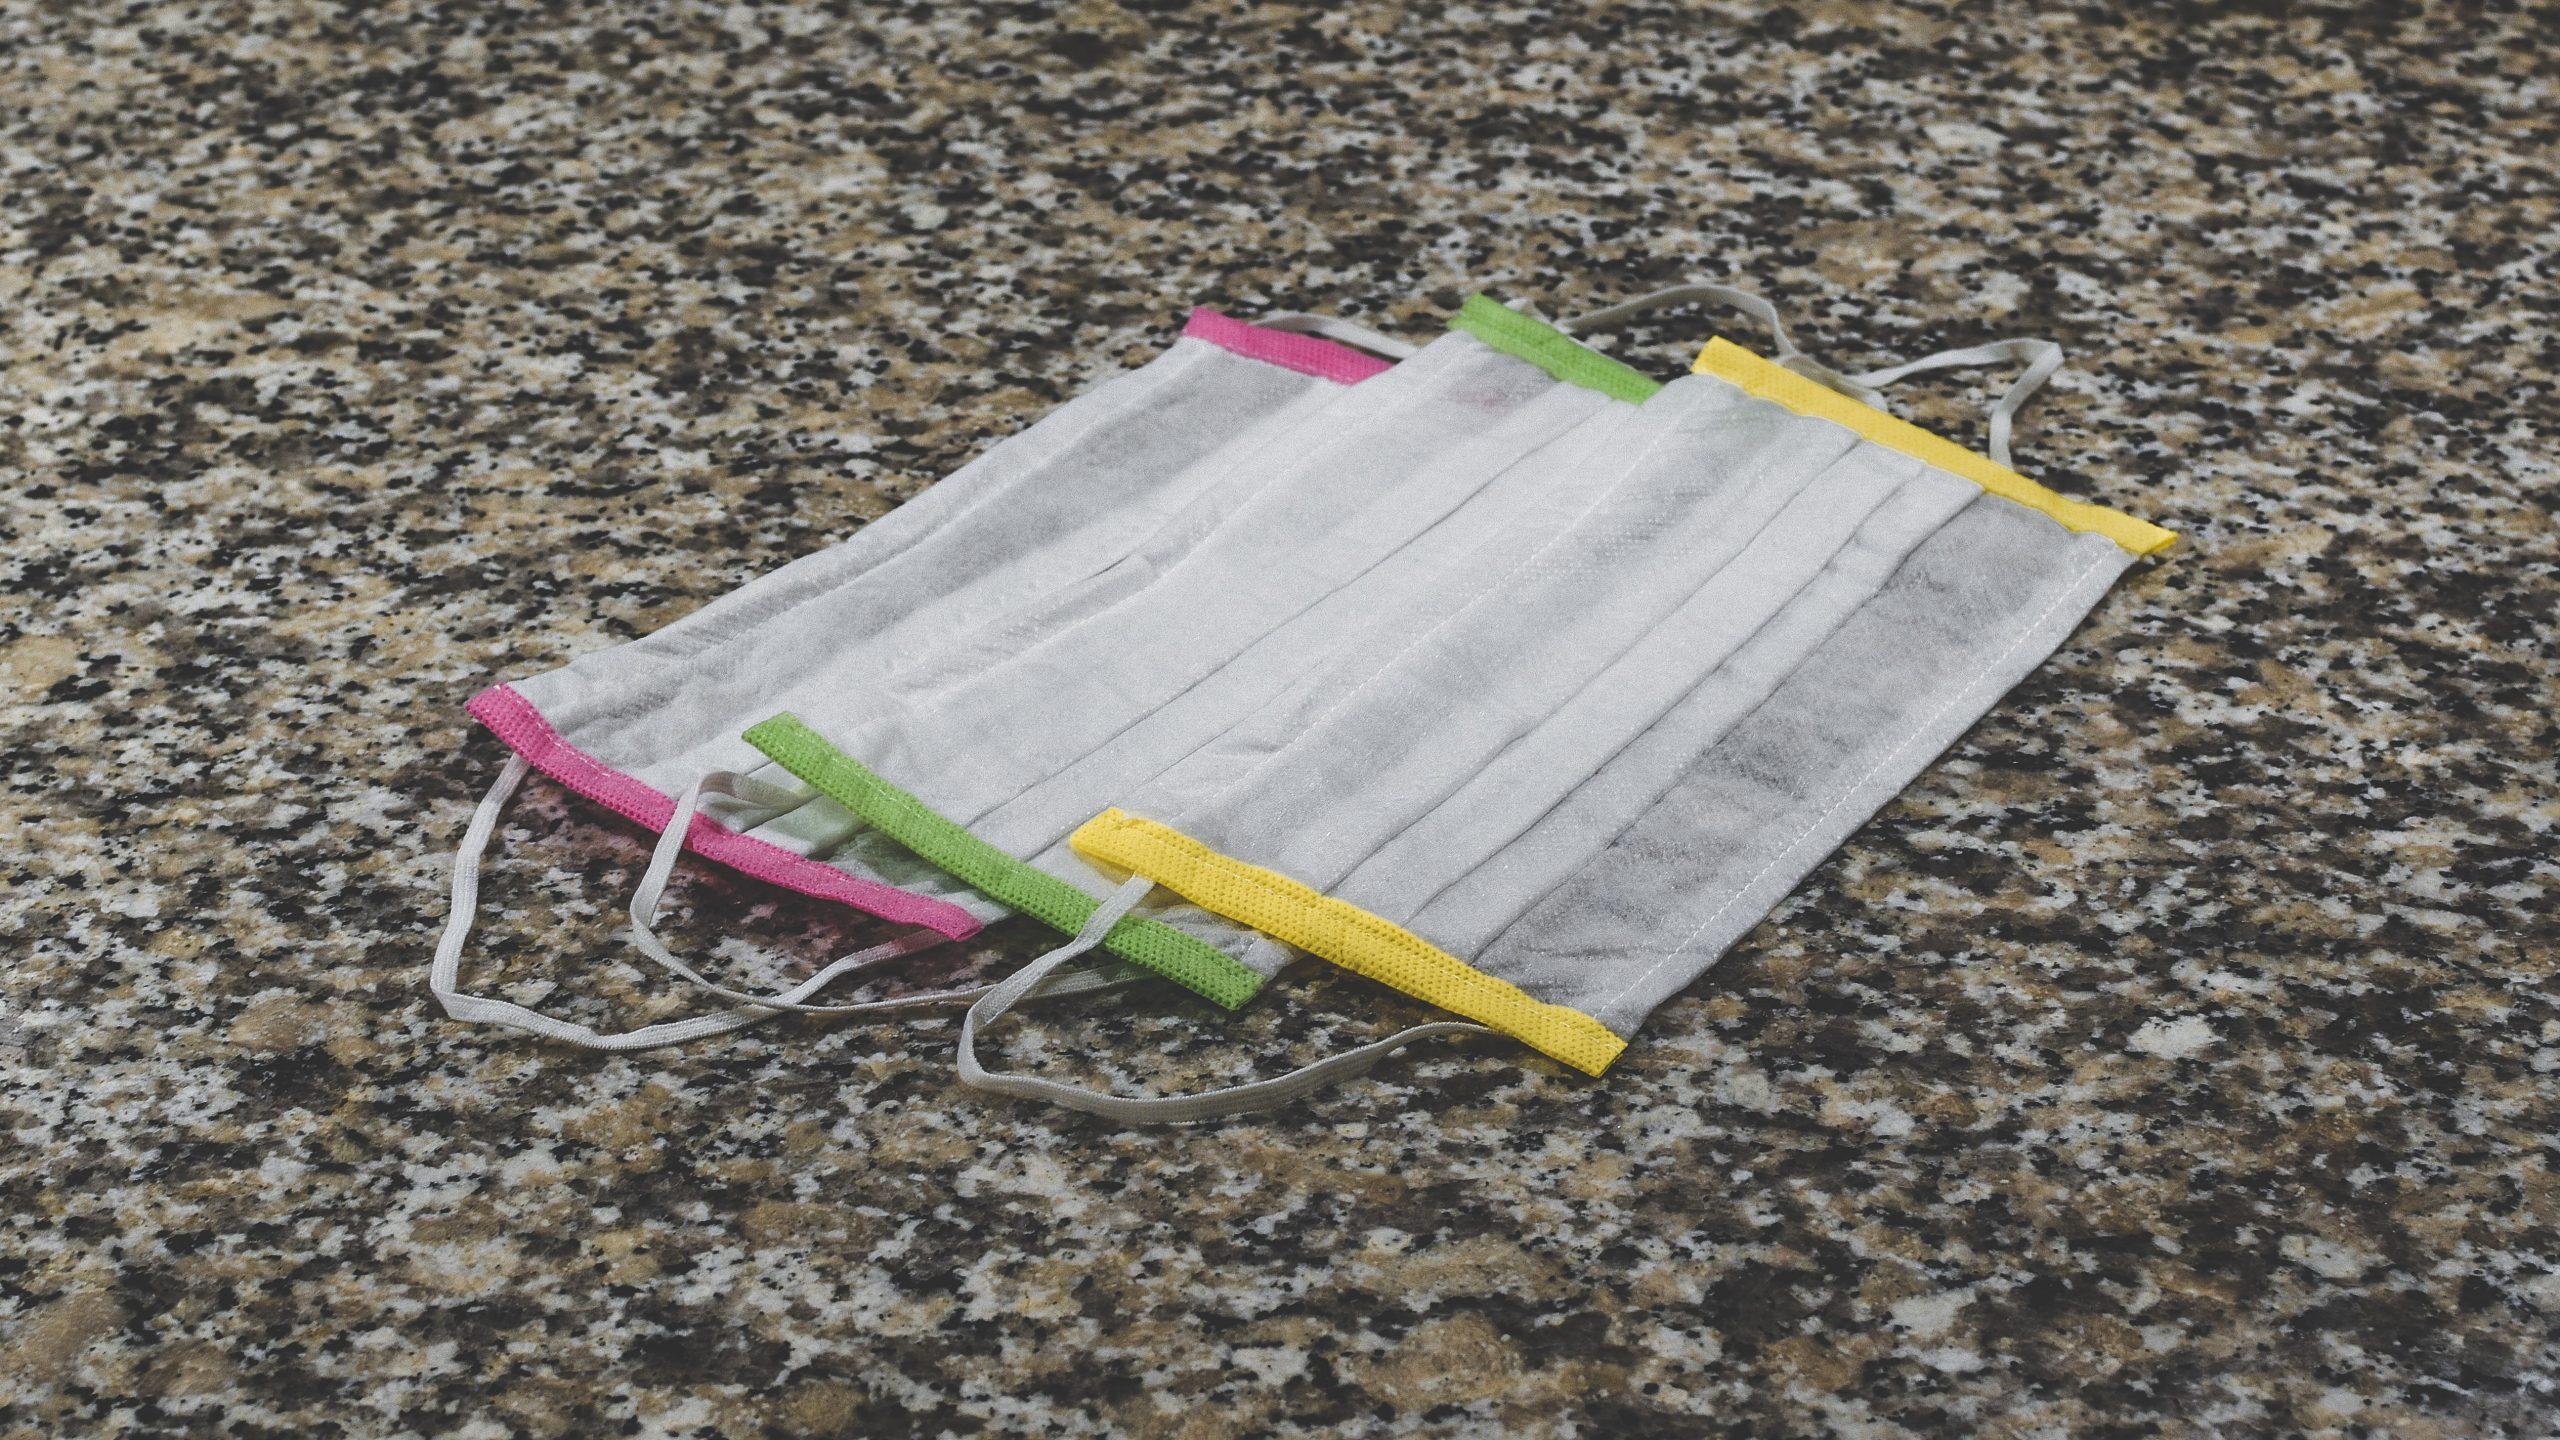 Foto: Tre munskydd med färgglada kanter som ligger på marken